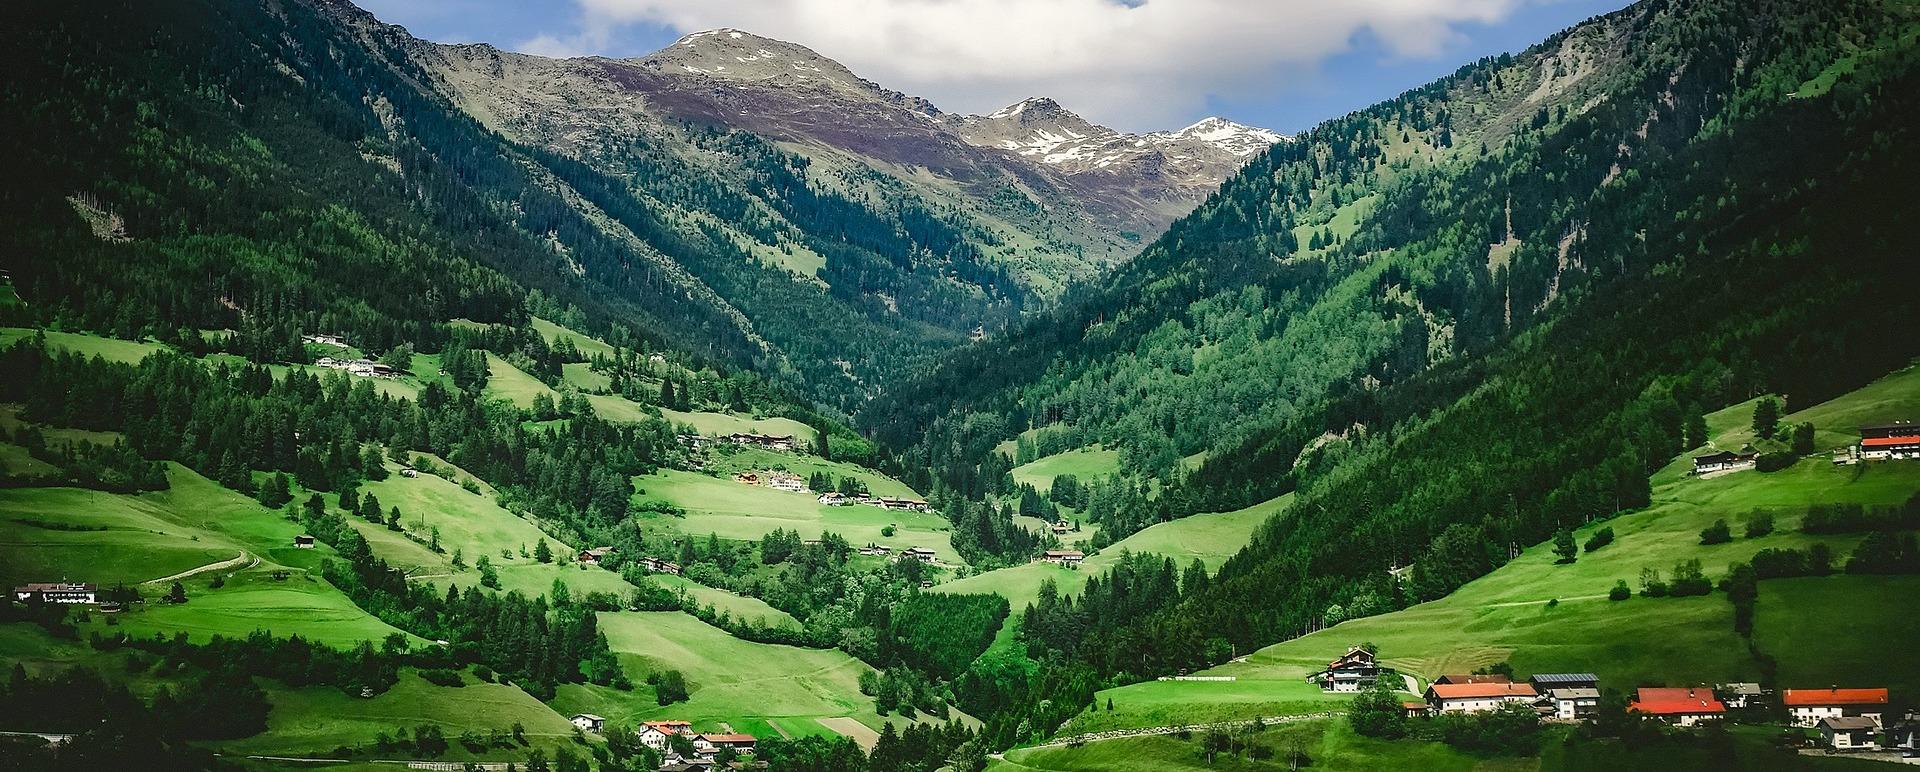 village valley